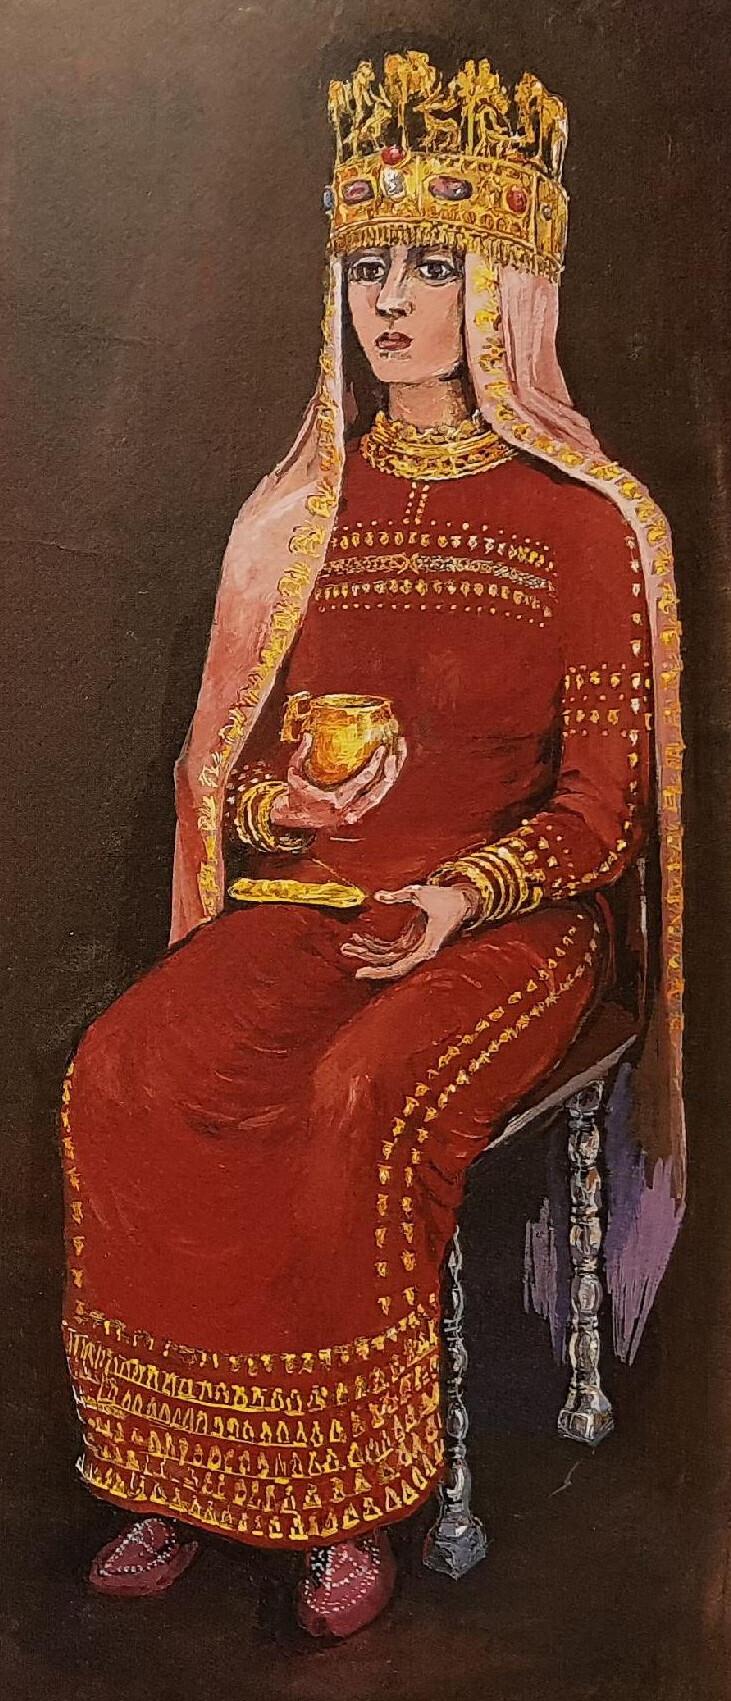 흑해 연안 사르마트 고분의 금관을 쓴 사제의 복원도. 강인욱 제공